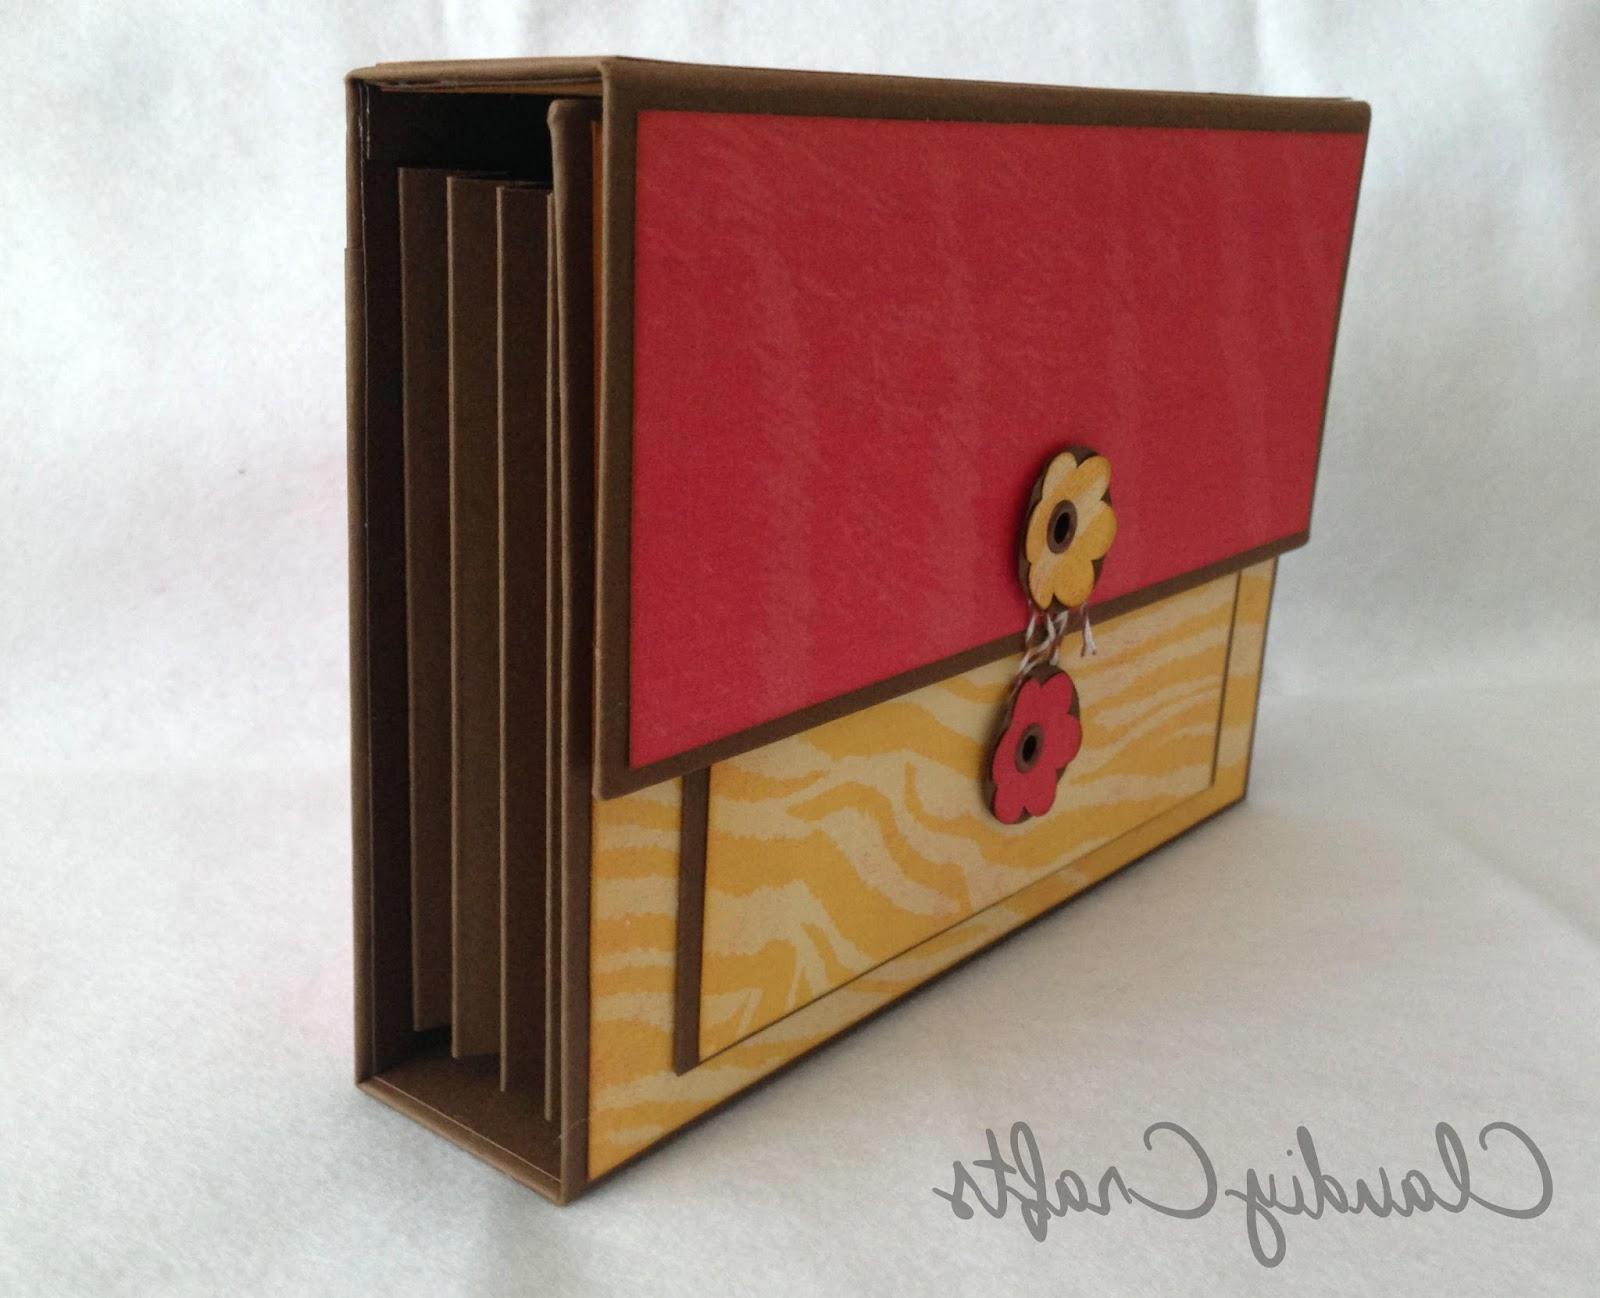 Archivadores De Carton O2d5 Claudiy Crafts Tutorial Diy Archivador Reciclando Cartà N De